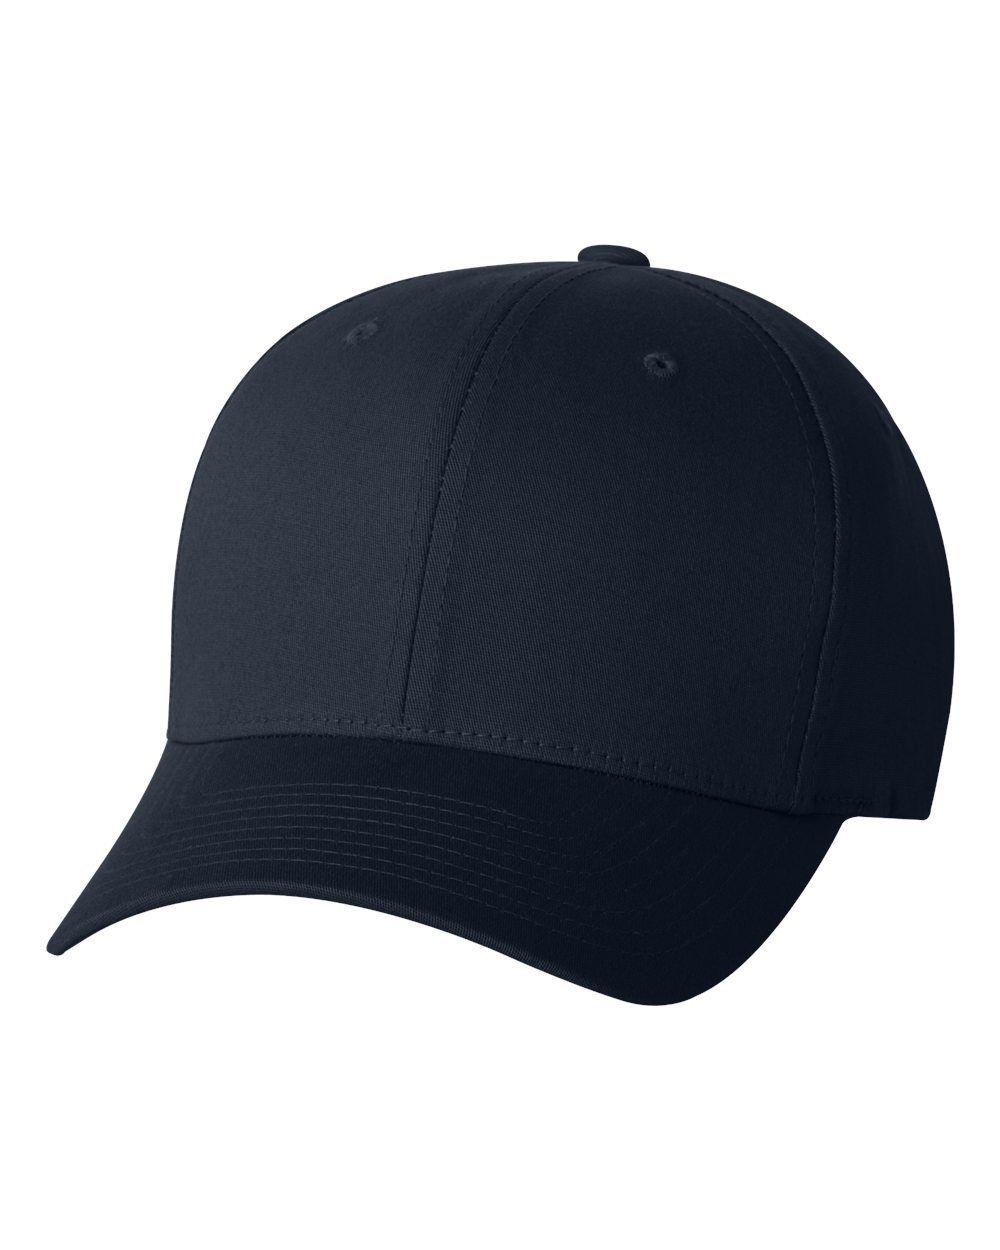 Cotton twill flex fit layflat fitted hats custom